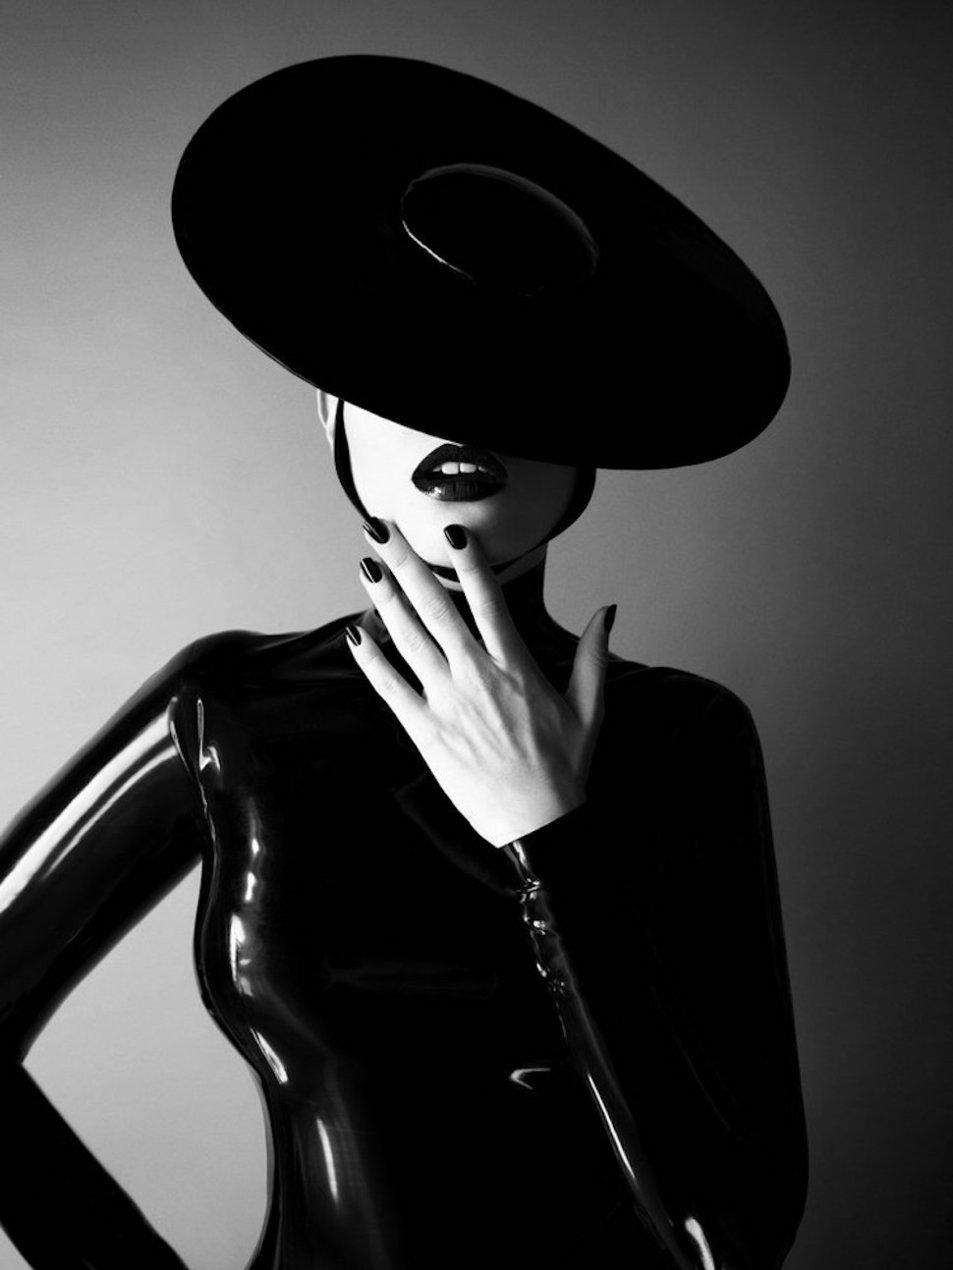 Charli Howard in black latex bodysuit and hat